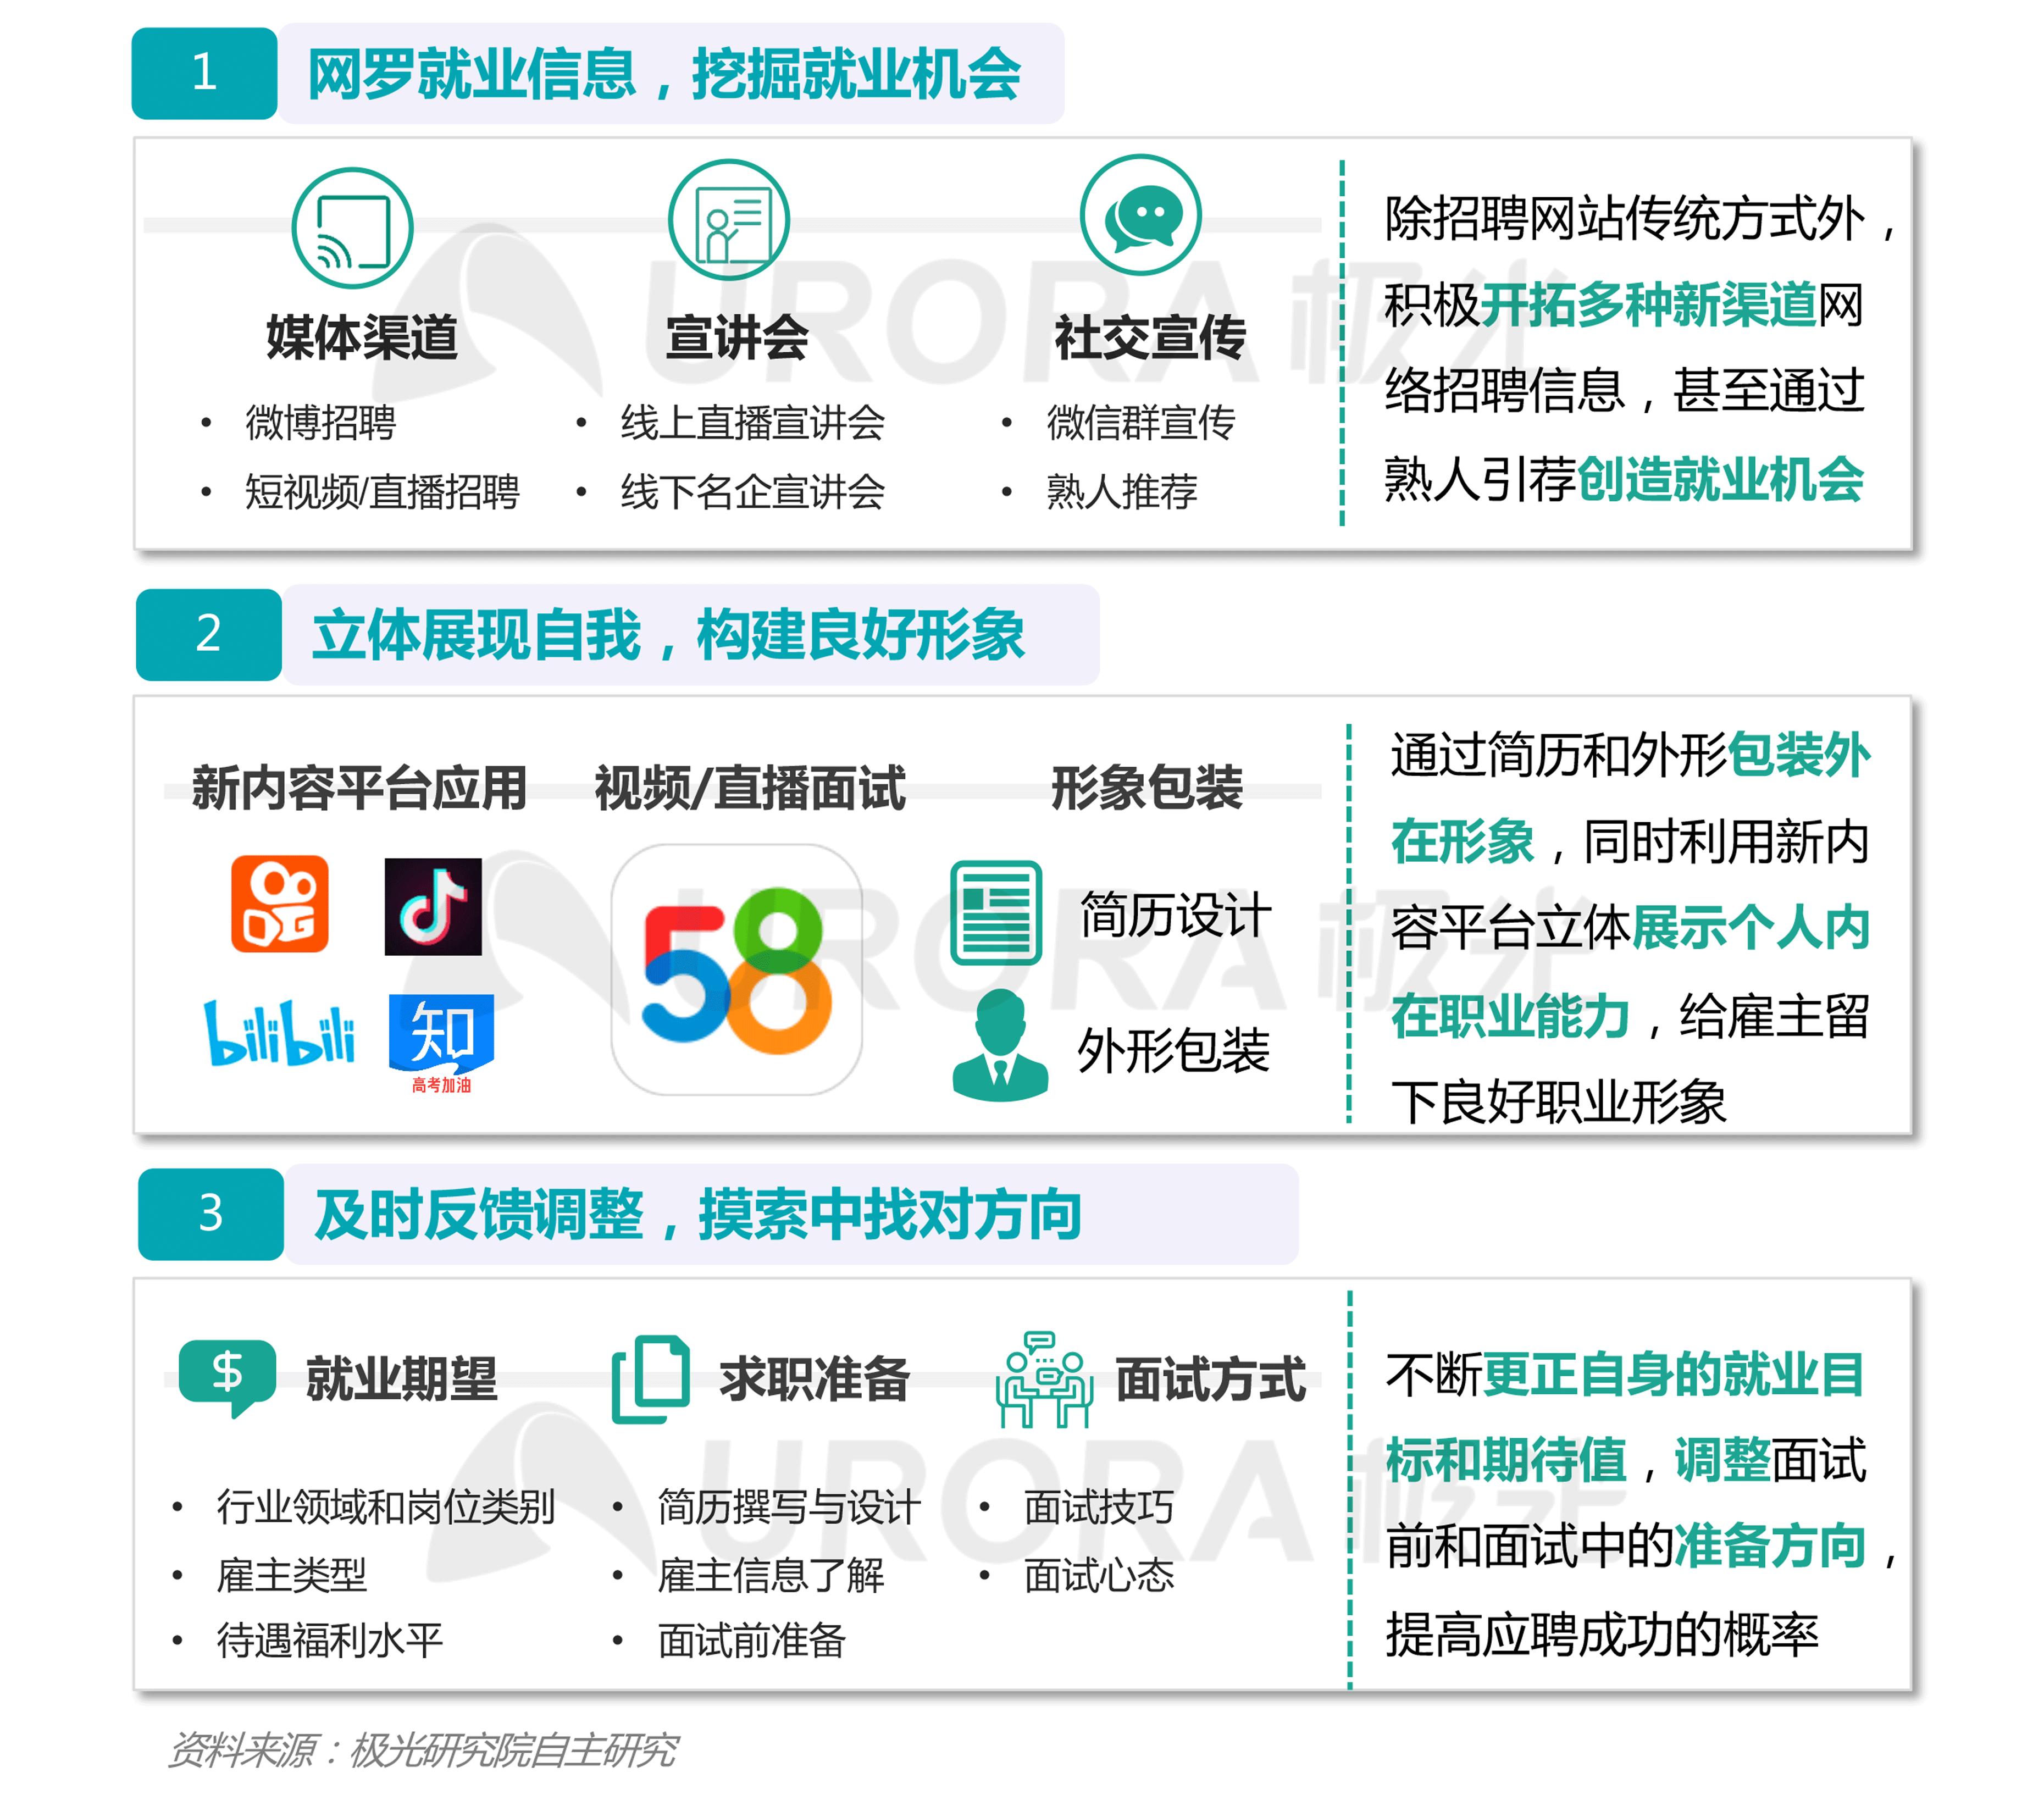 """""""超职季""""招聘行业报告-年轻人求职篇 (12).png"""